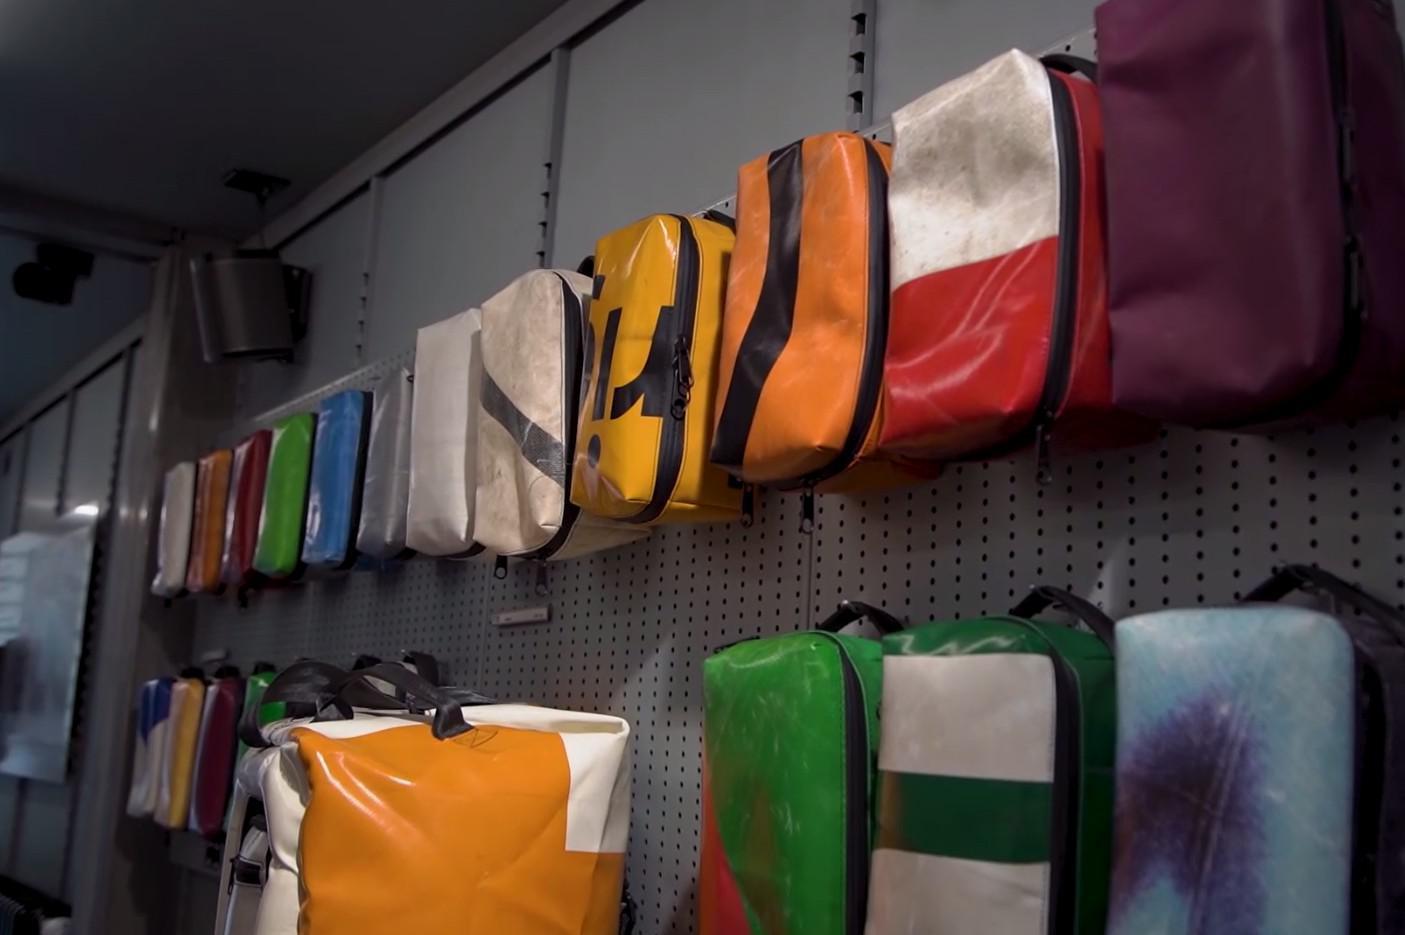 กระเป๋าผ้าใบรถบรรทุก